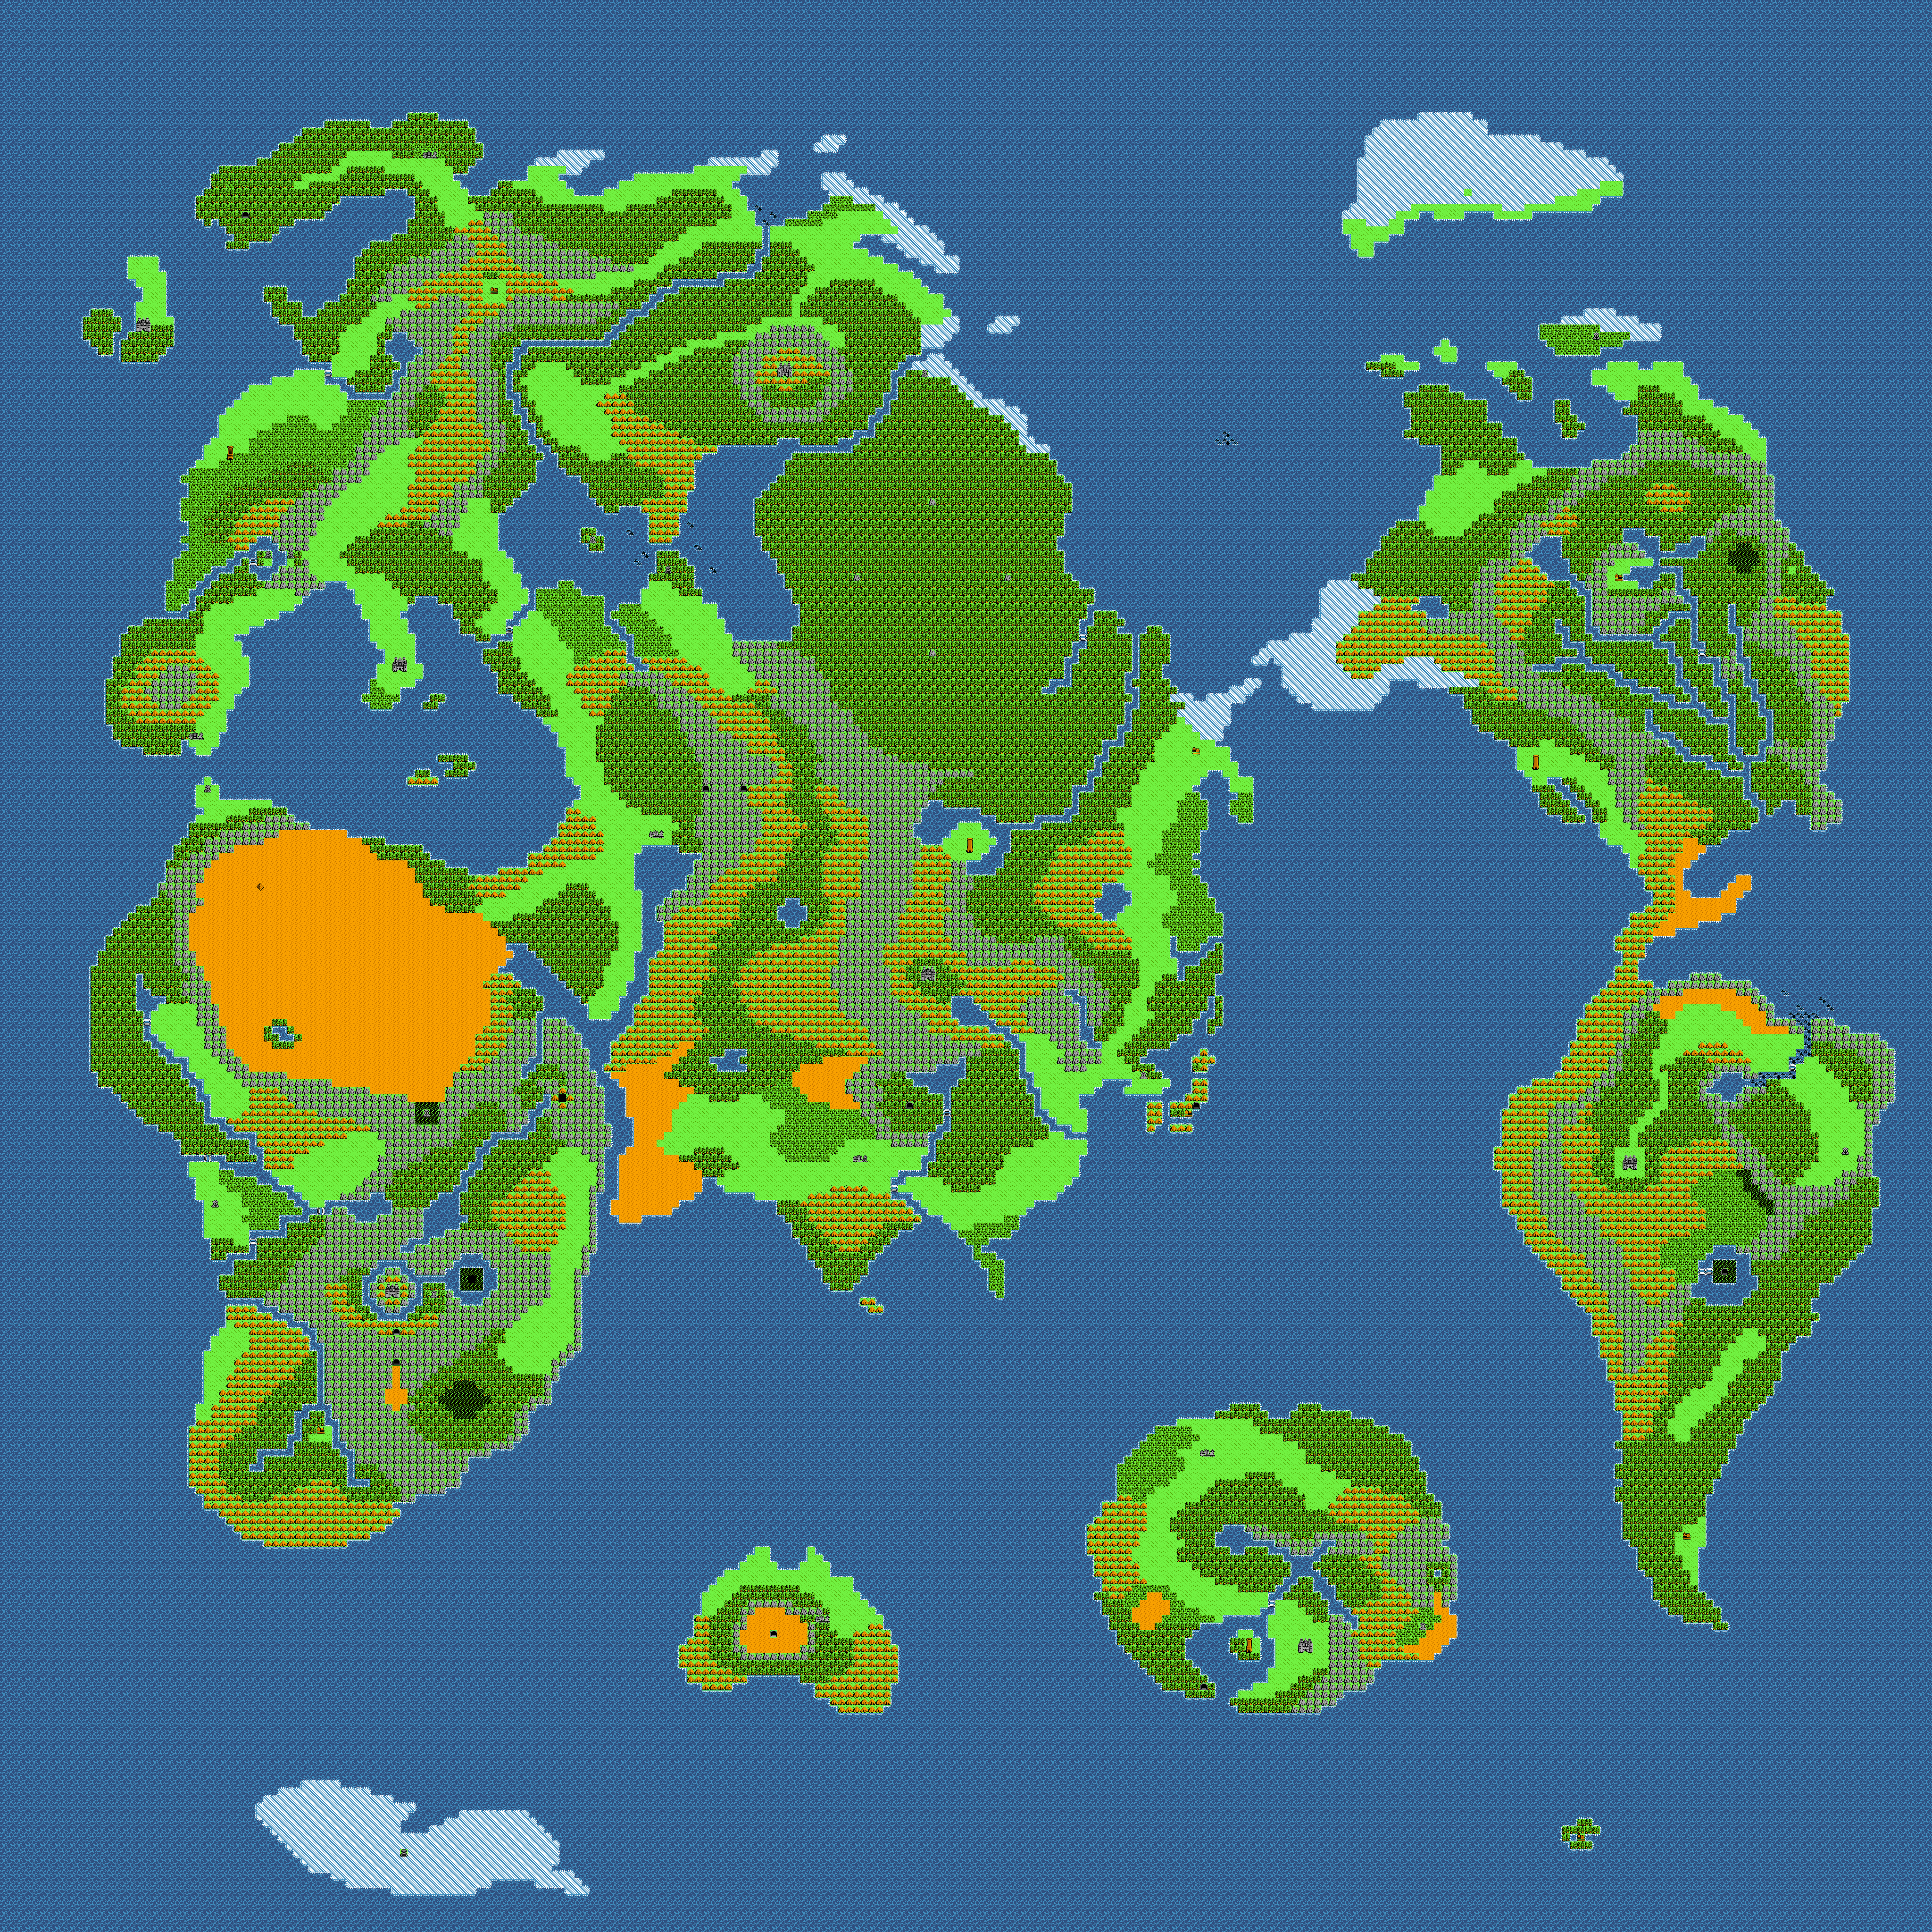 広大なワールドマップ、点在する村落や都市。やっぱりRPGって最高